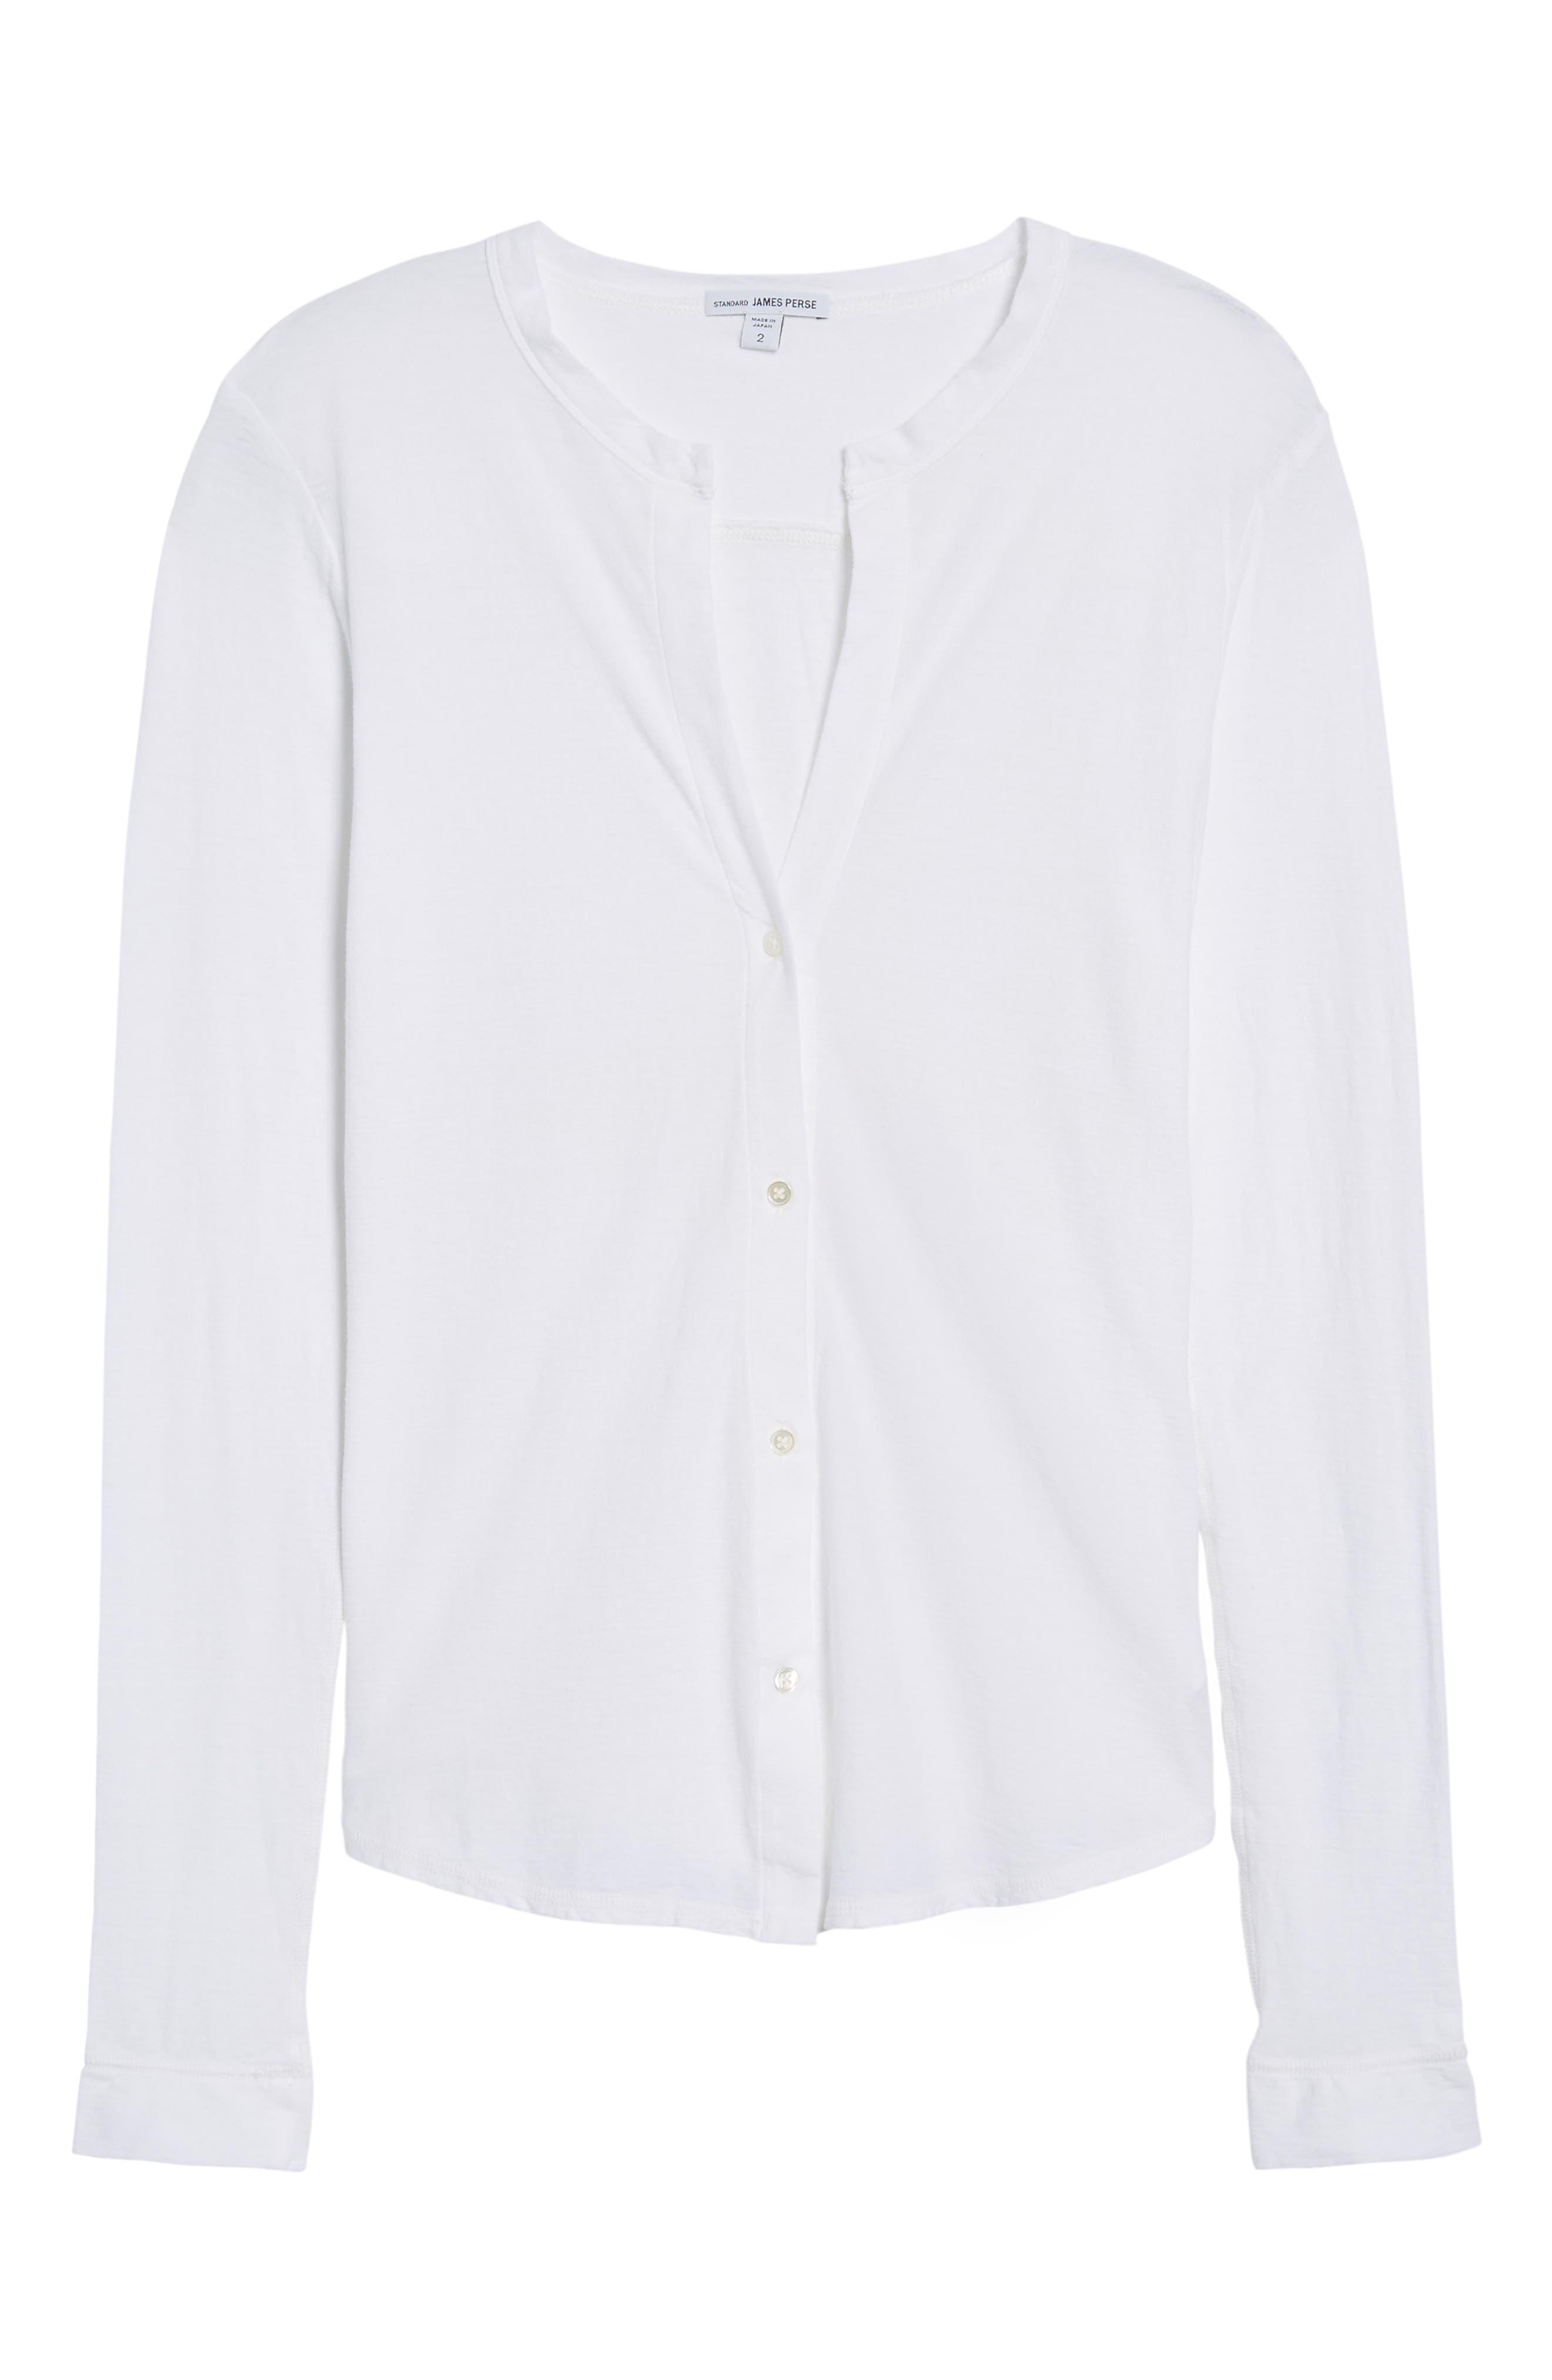 Cotton & Linen Button Front Tee,                             Alternate thumbnail 12, color,